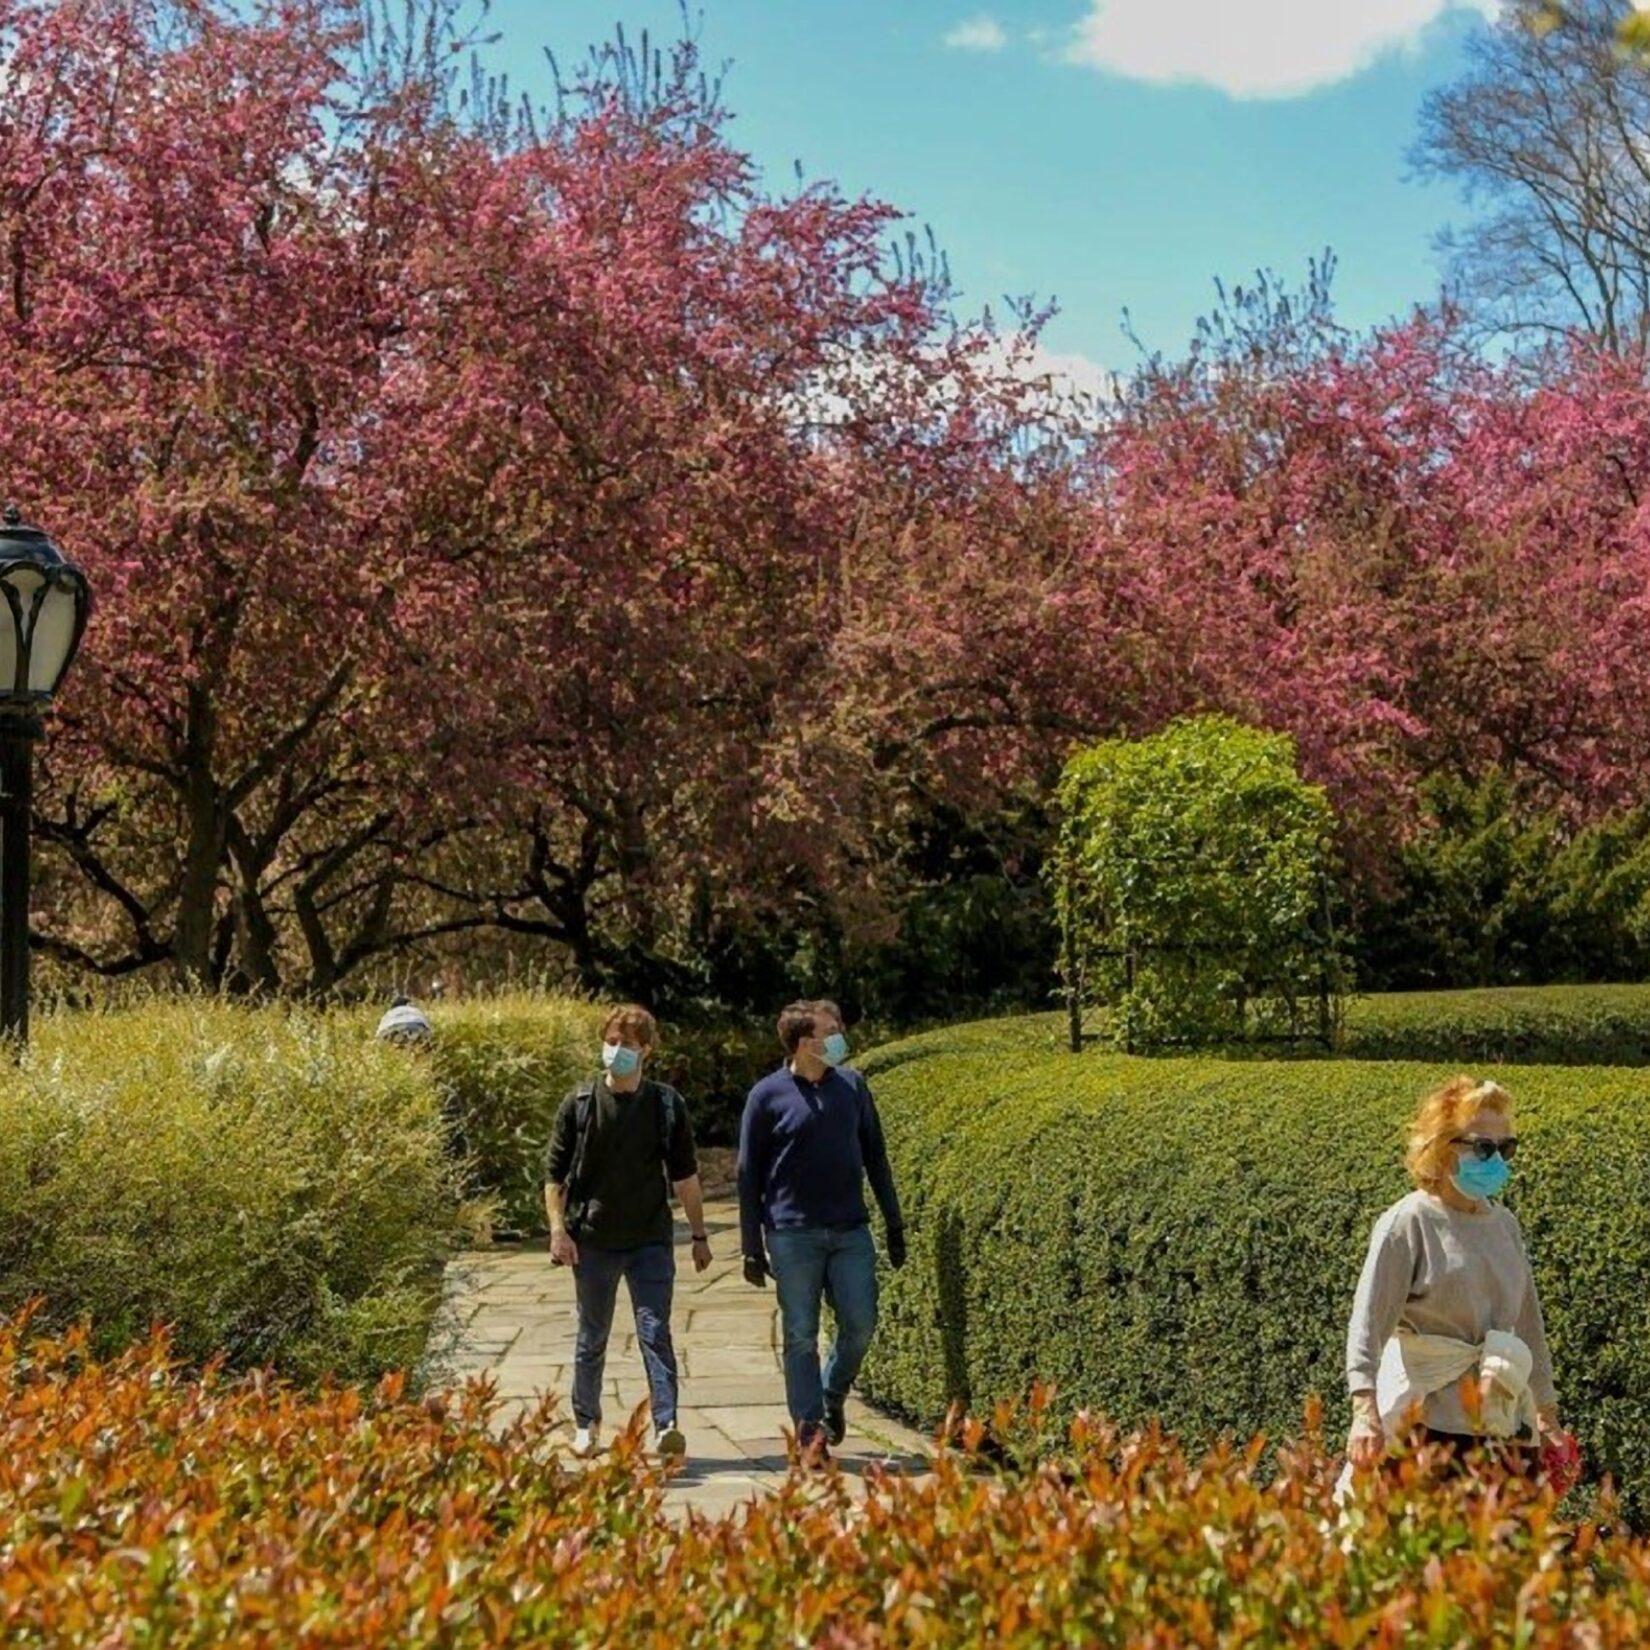 Socially-distanced strolling through a garden